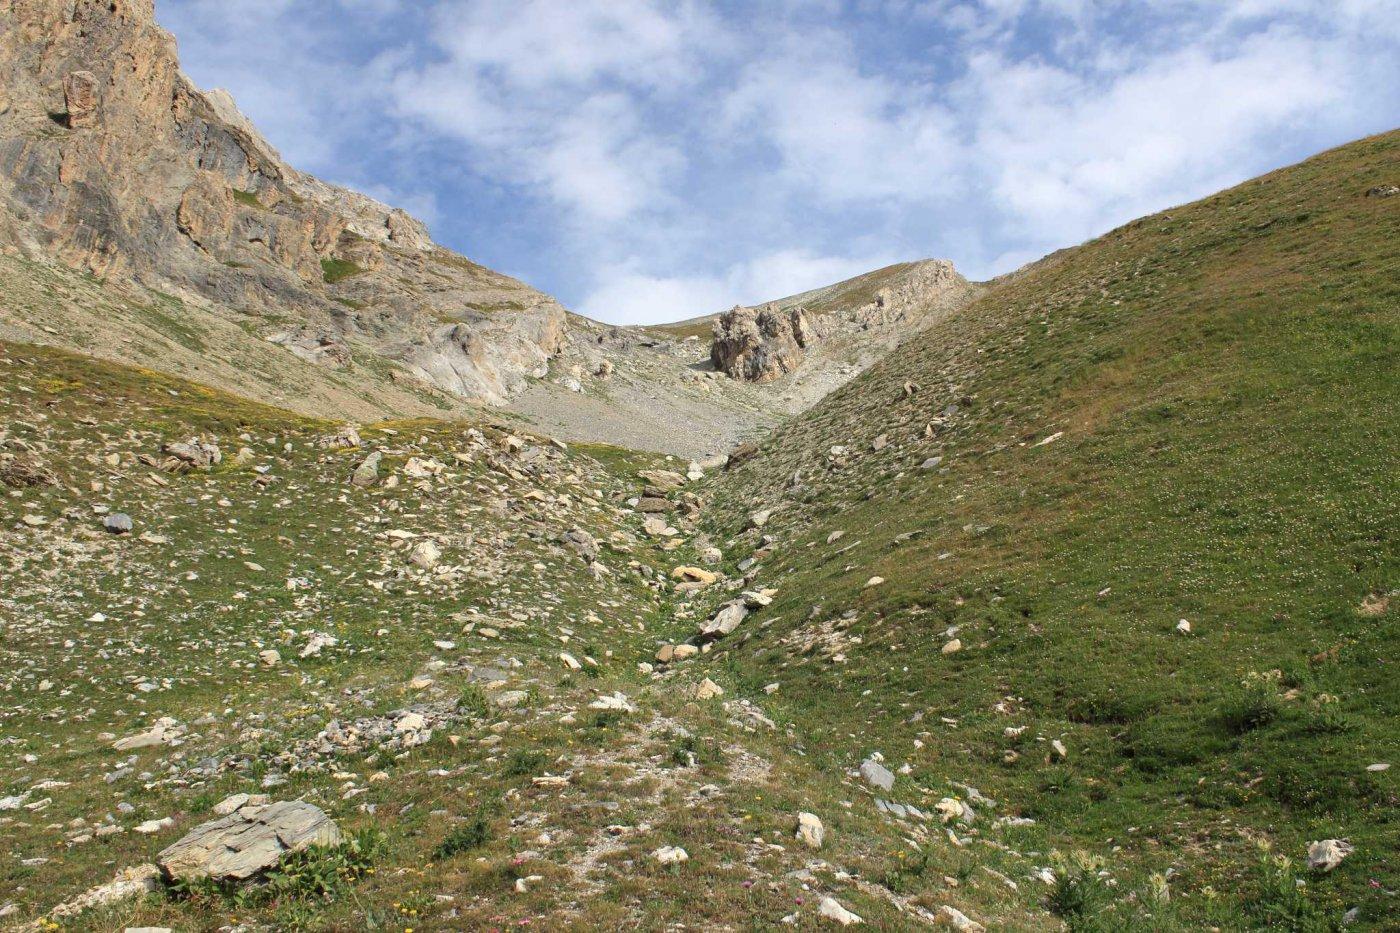 L'imbocco del fuori sentiero, in alto il masso da aggirare a sinistra